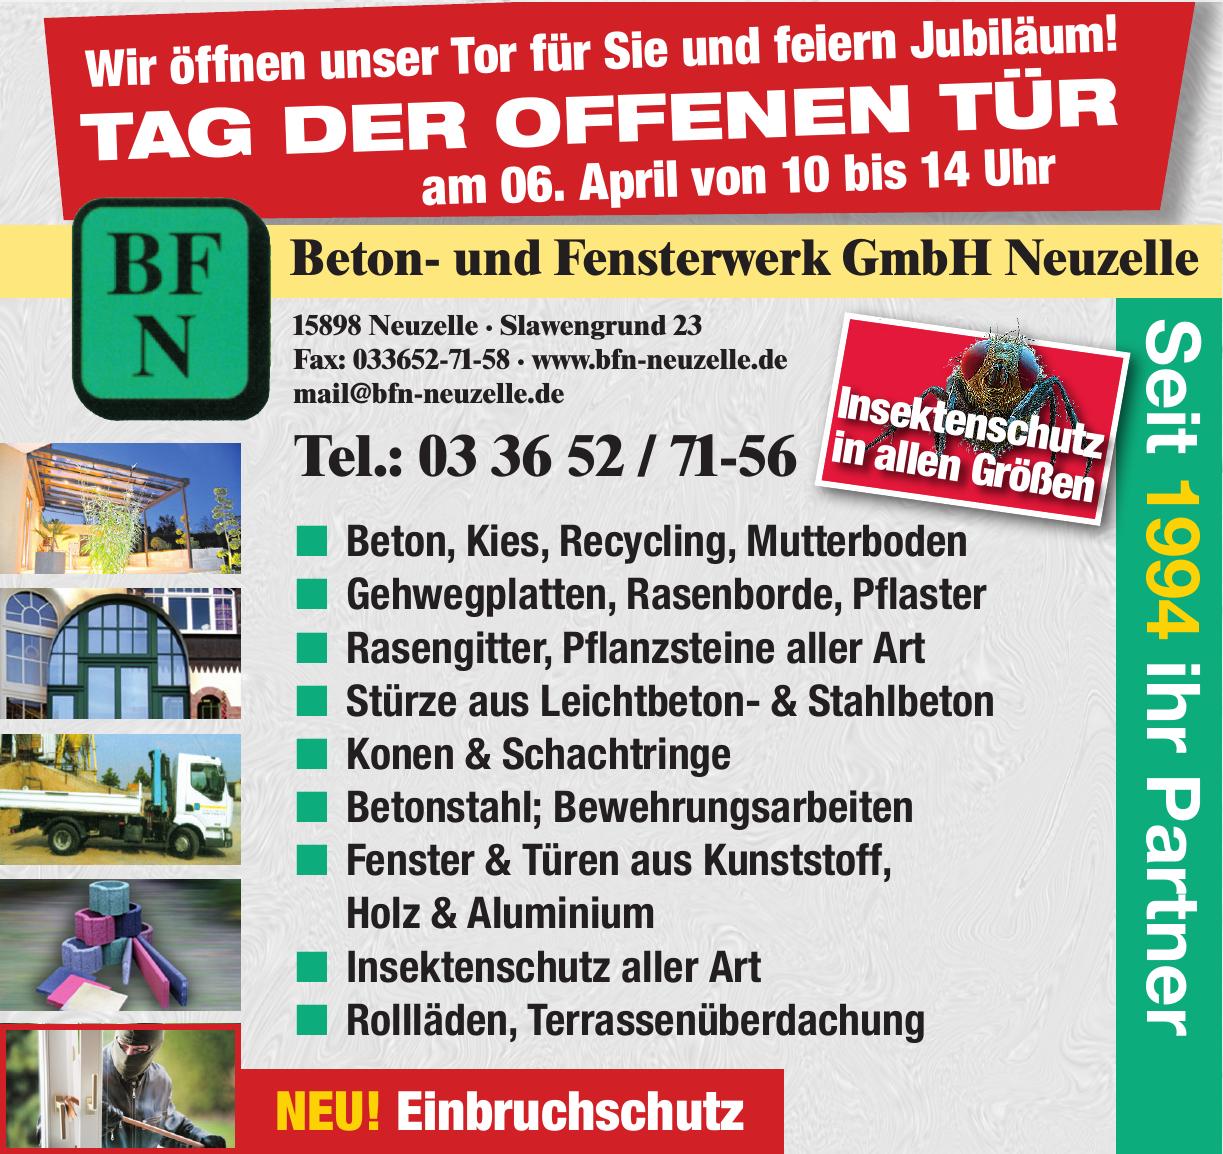 Beton- und Fensterwerk GmbH Neuzelle